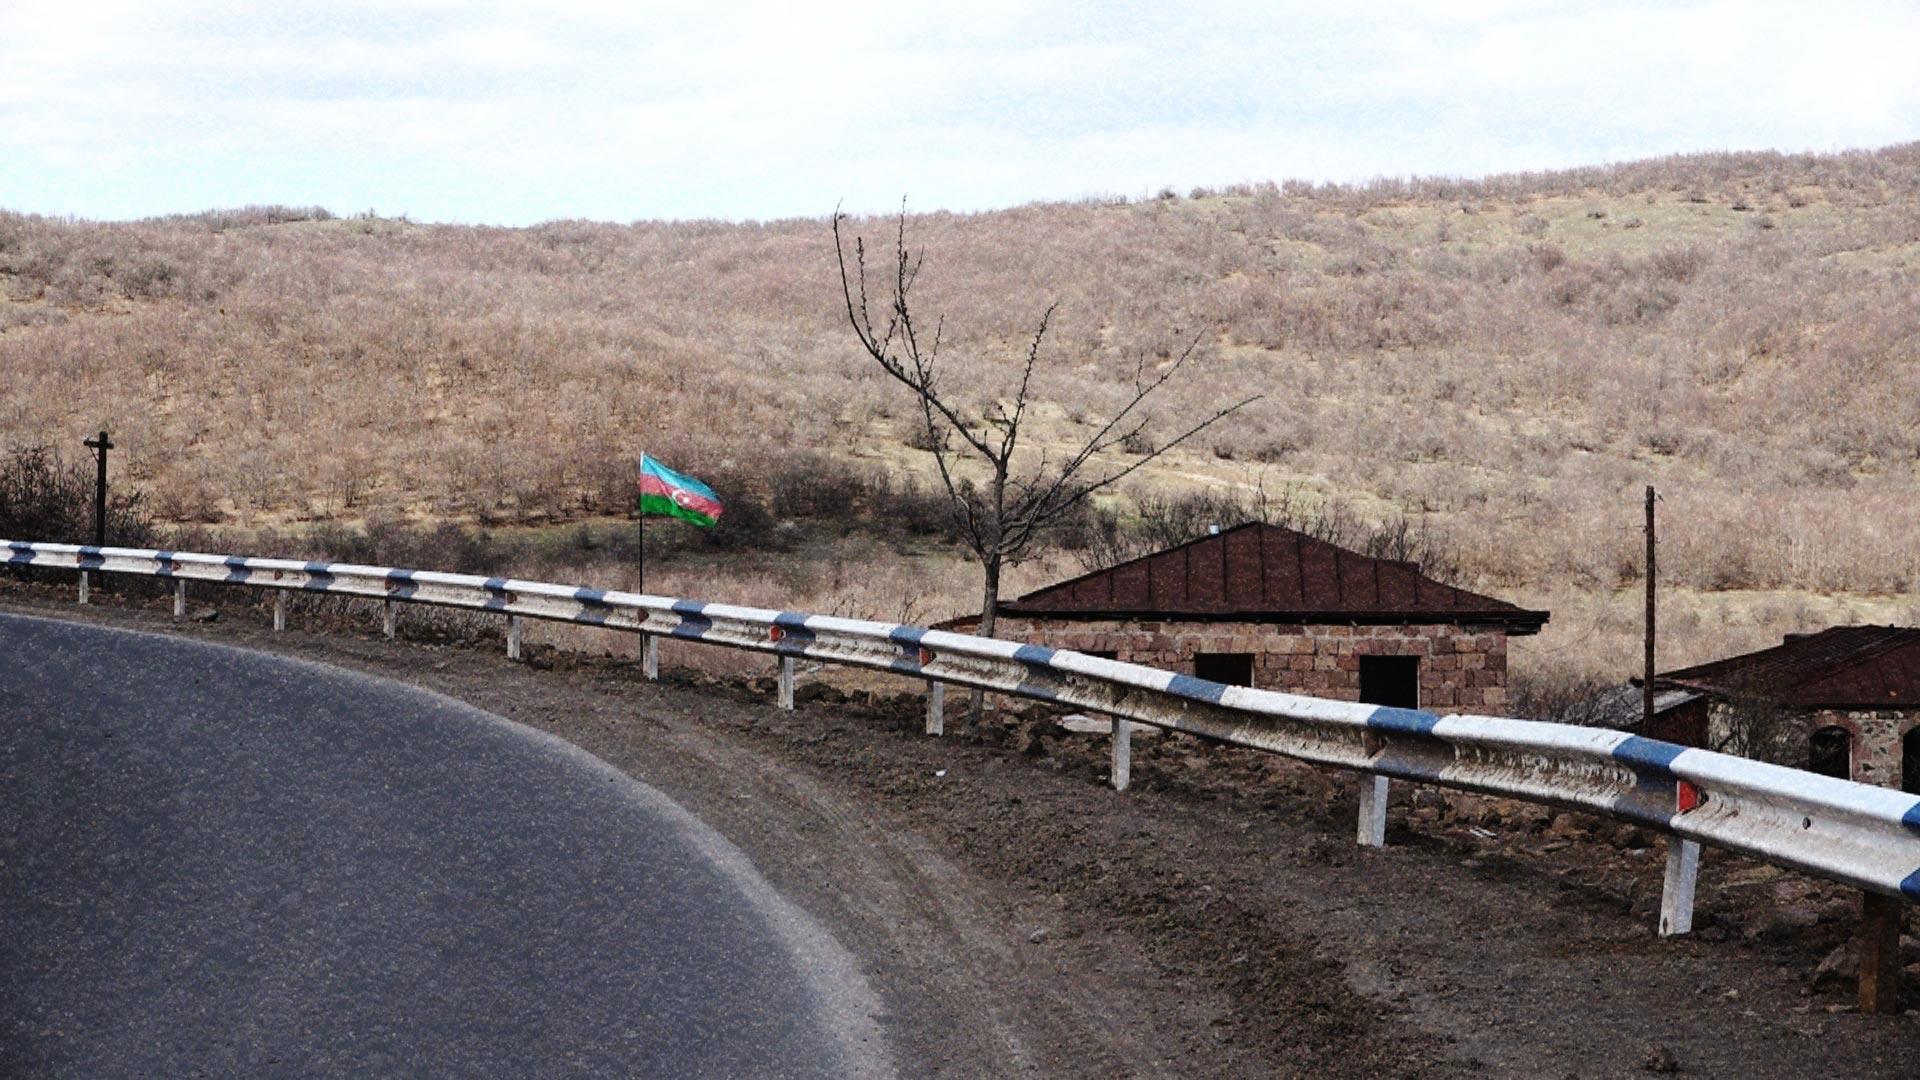 nagornyi karabax reportage 02 - <b>Новая старая граница:</b> почему армянские села оказались на территории Азербайджана - Заборона